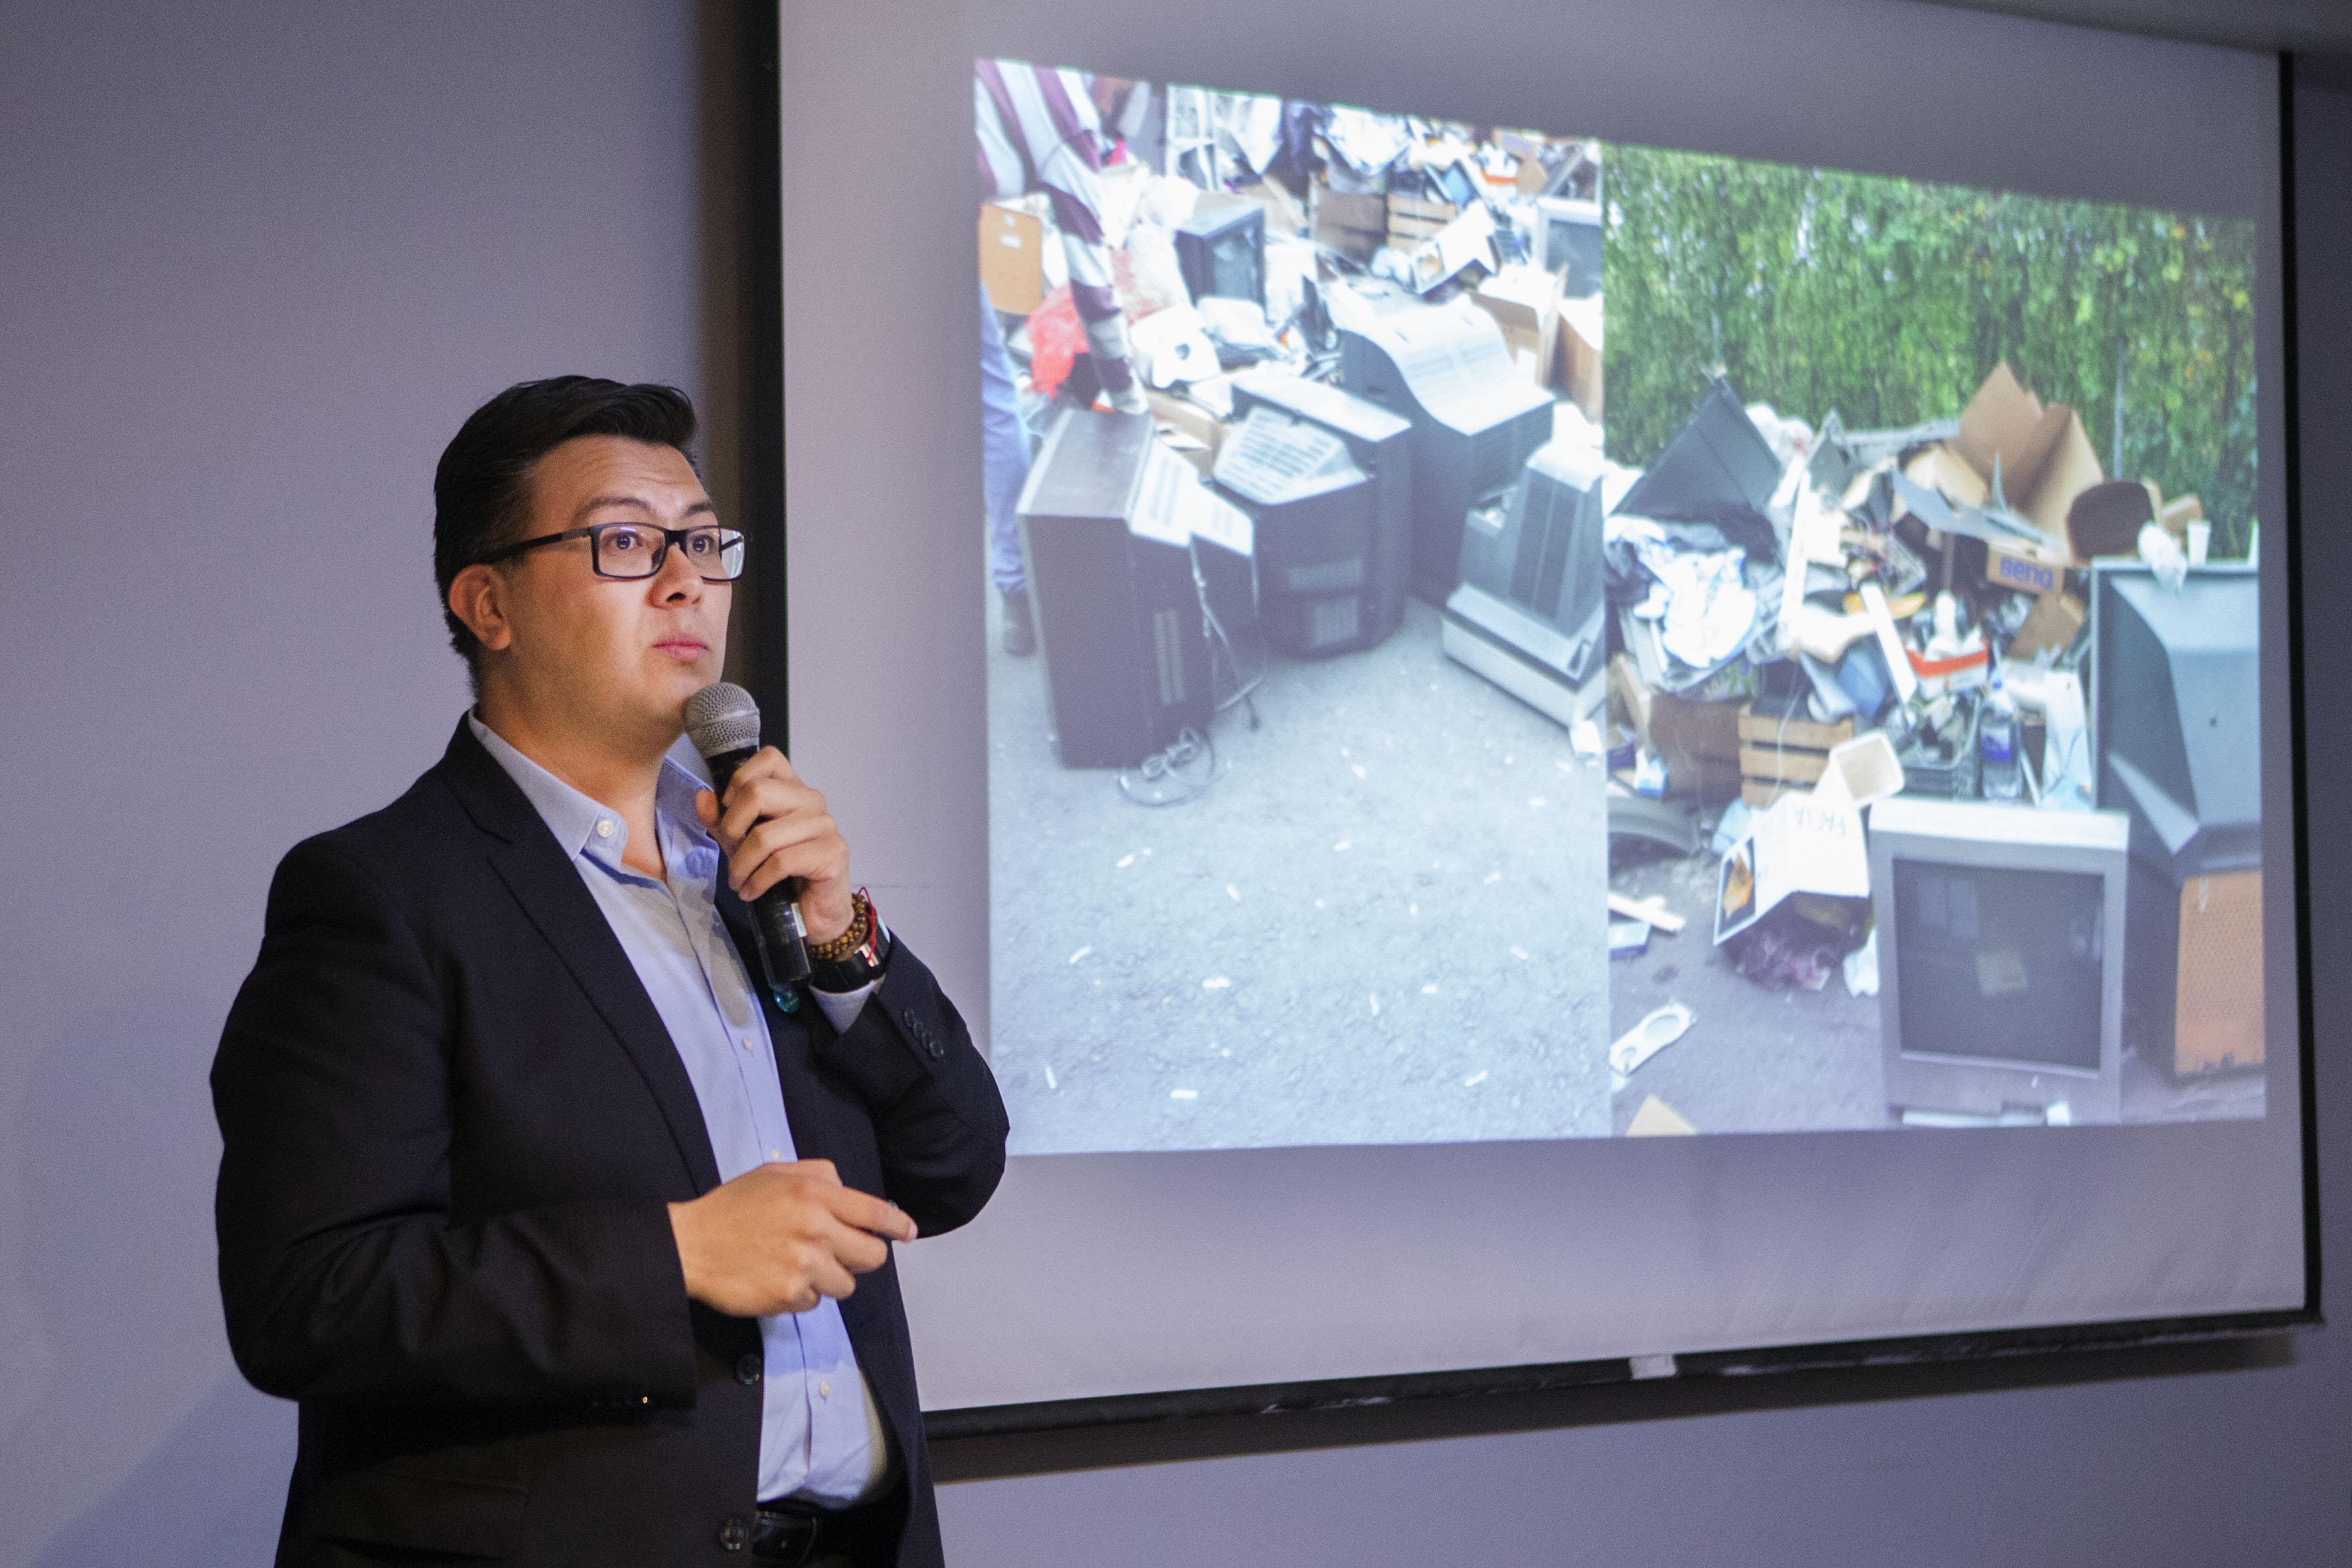 """Doctor Luis Antonio García Villanueva, académico del Departamento de Ingeniería Sanitaria y Ambiental de la UNAM, impartiendo la conferencia """"Situación de los residuos de aparatos eléctricos y electrónicos (RAEE) en México""""."""